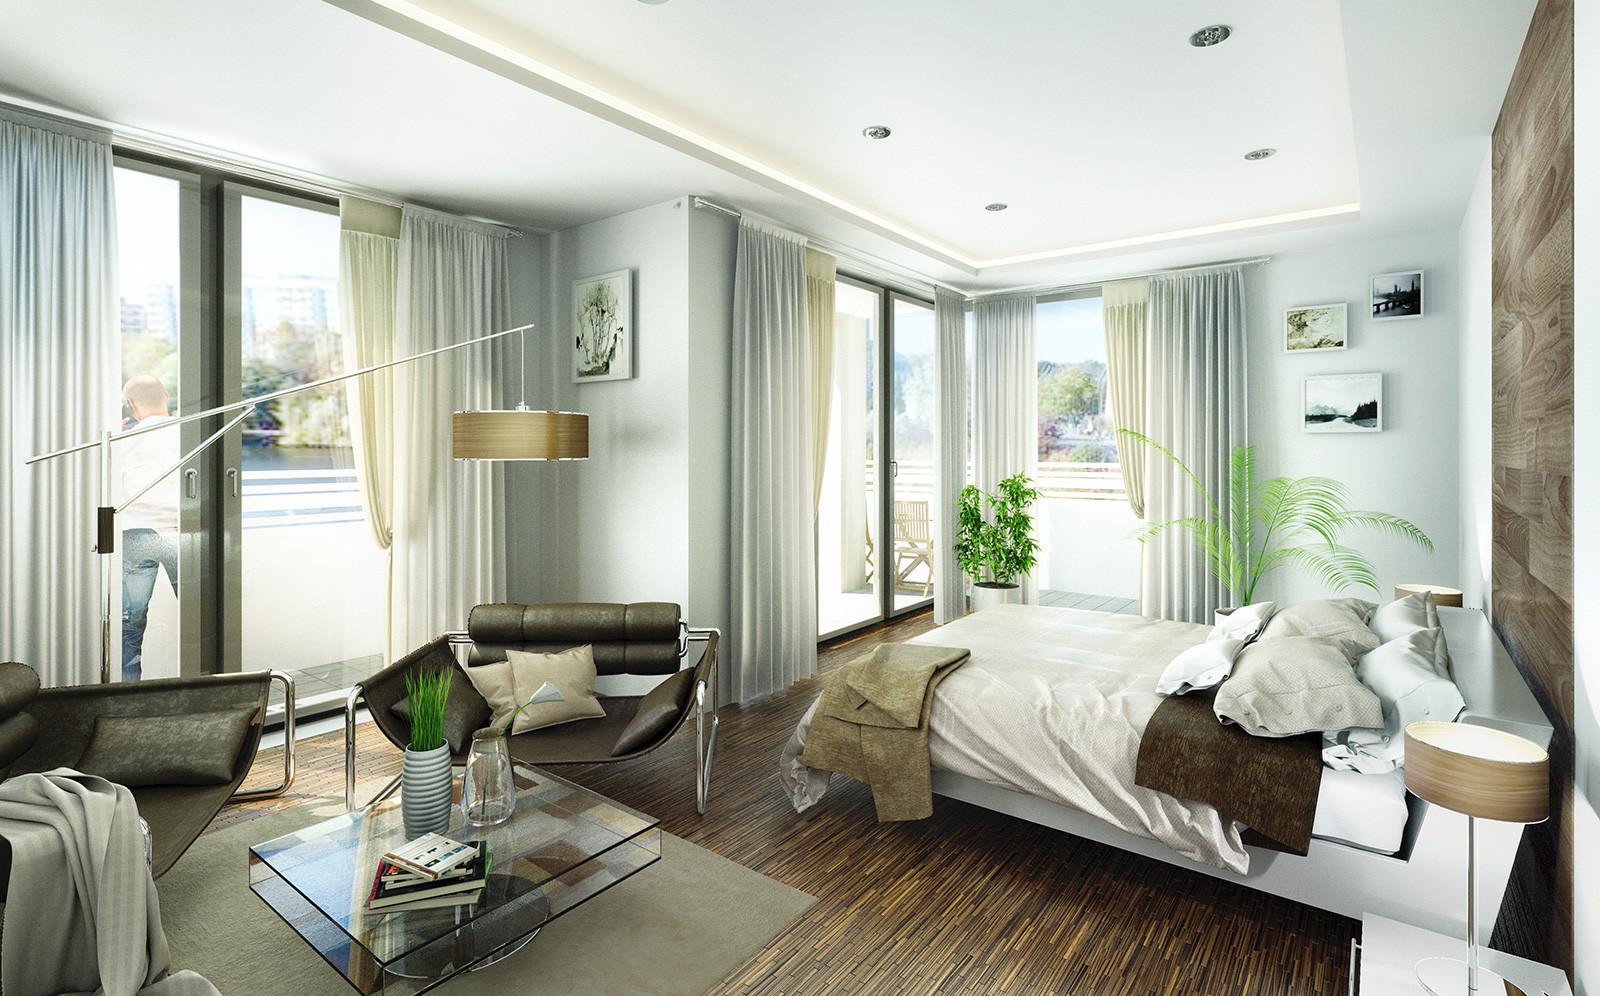 Schlafzimmer in Potsdam - Architekturvisualisierung Innenraum